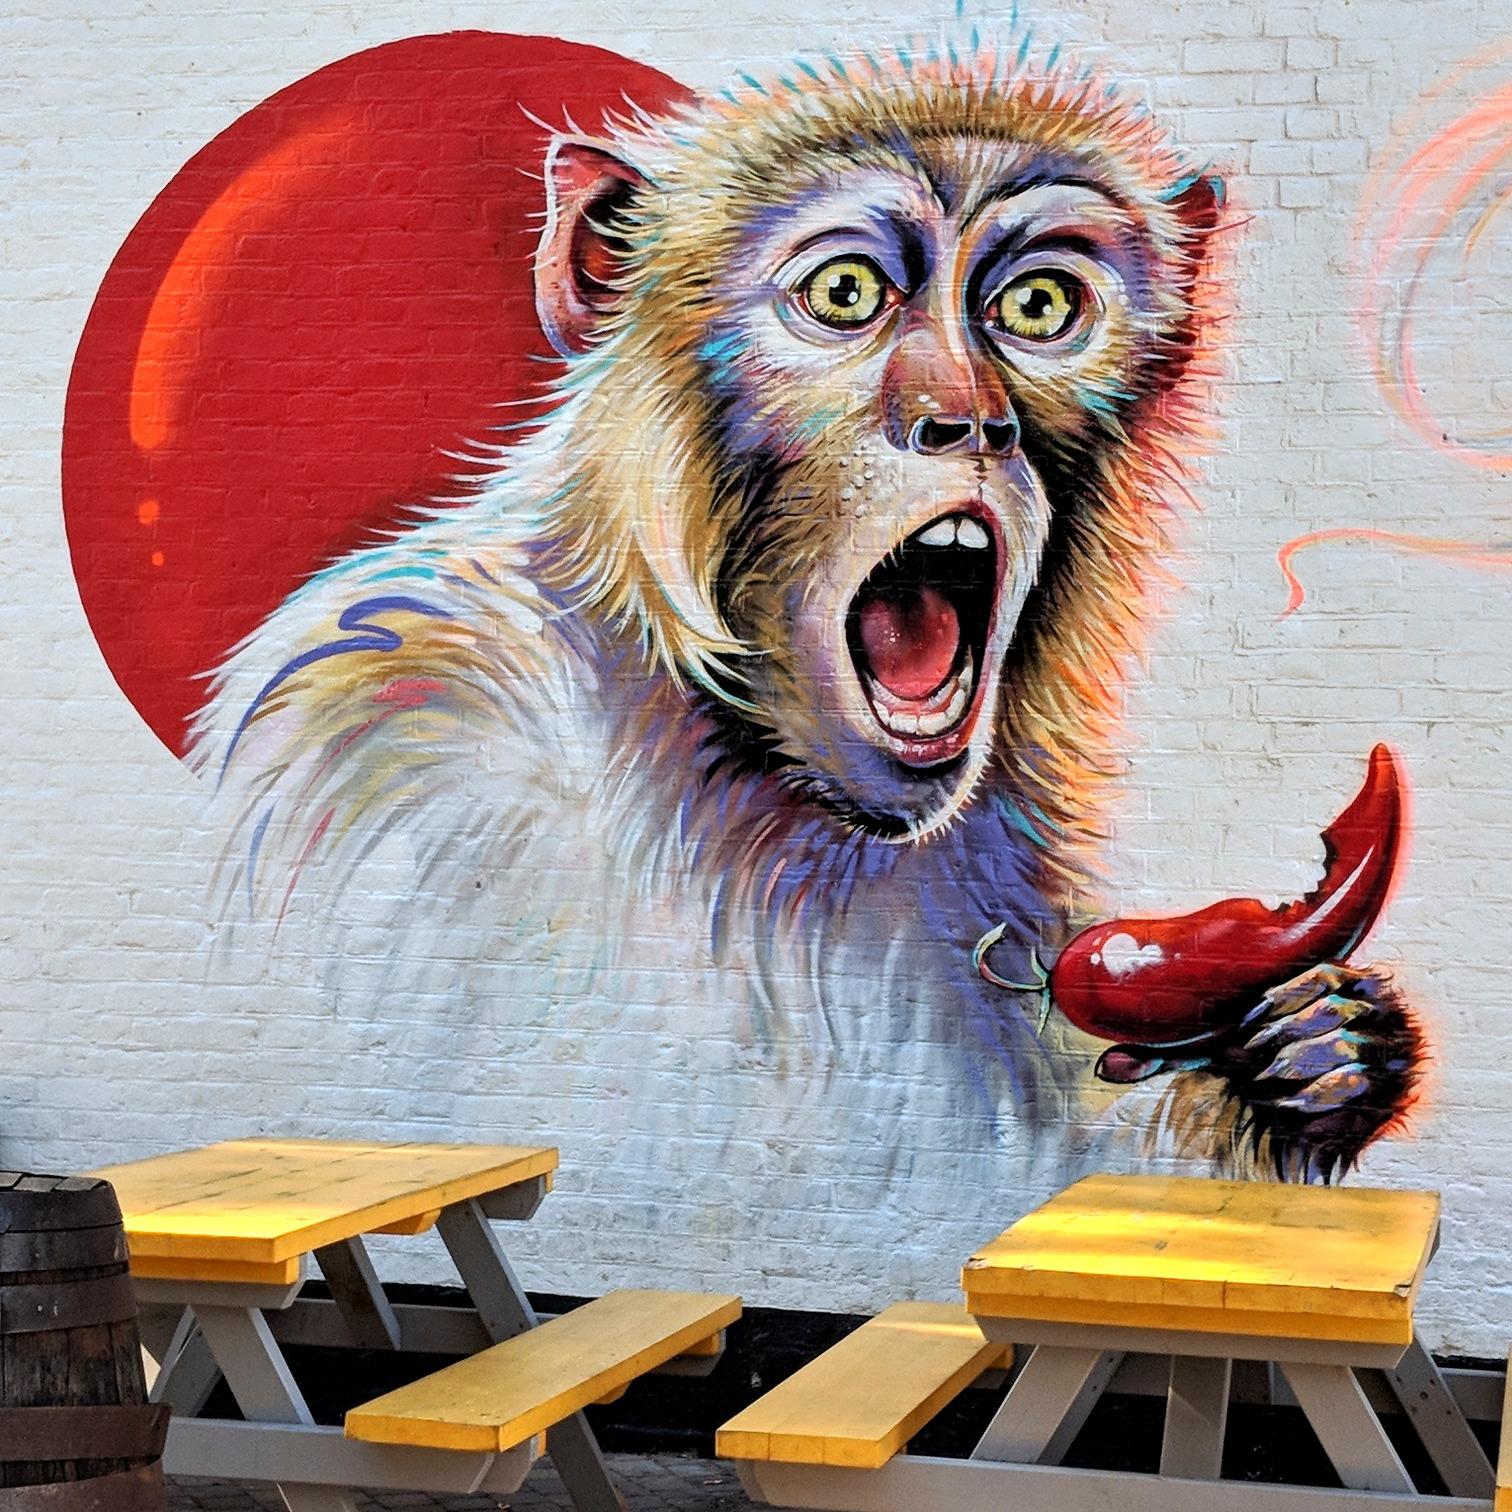 Mural outside